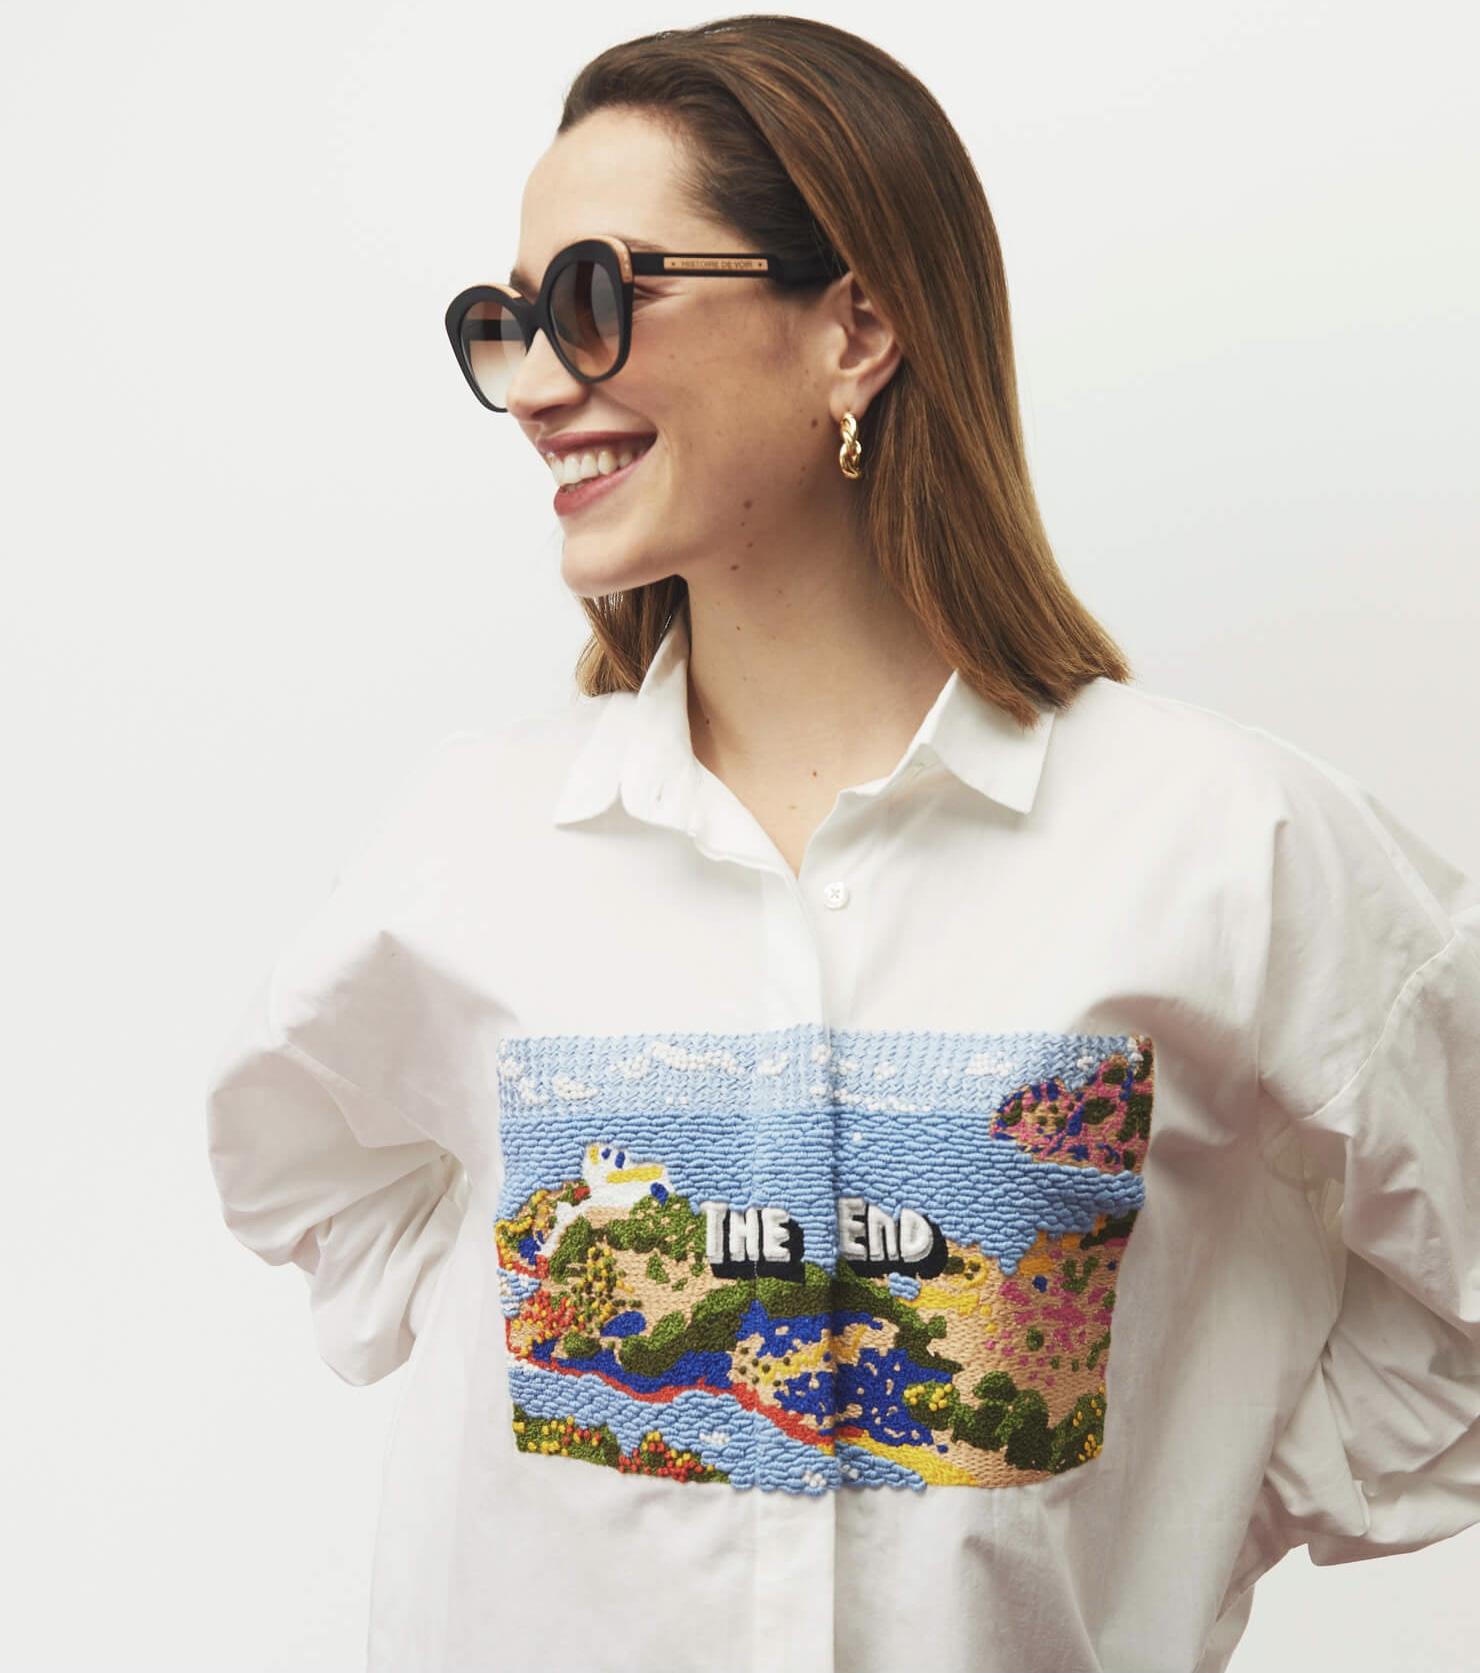 chemise-greta-thehappyend-miicollection-white2---copie-3